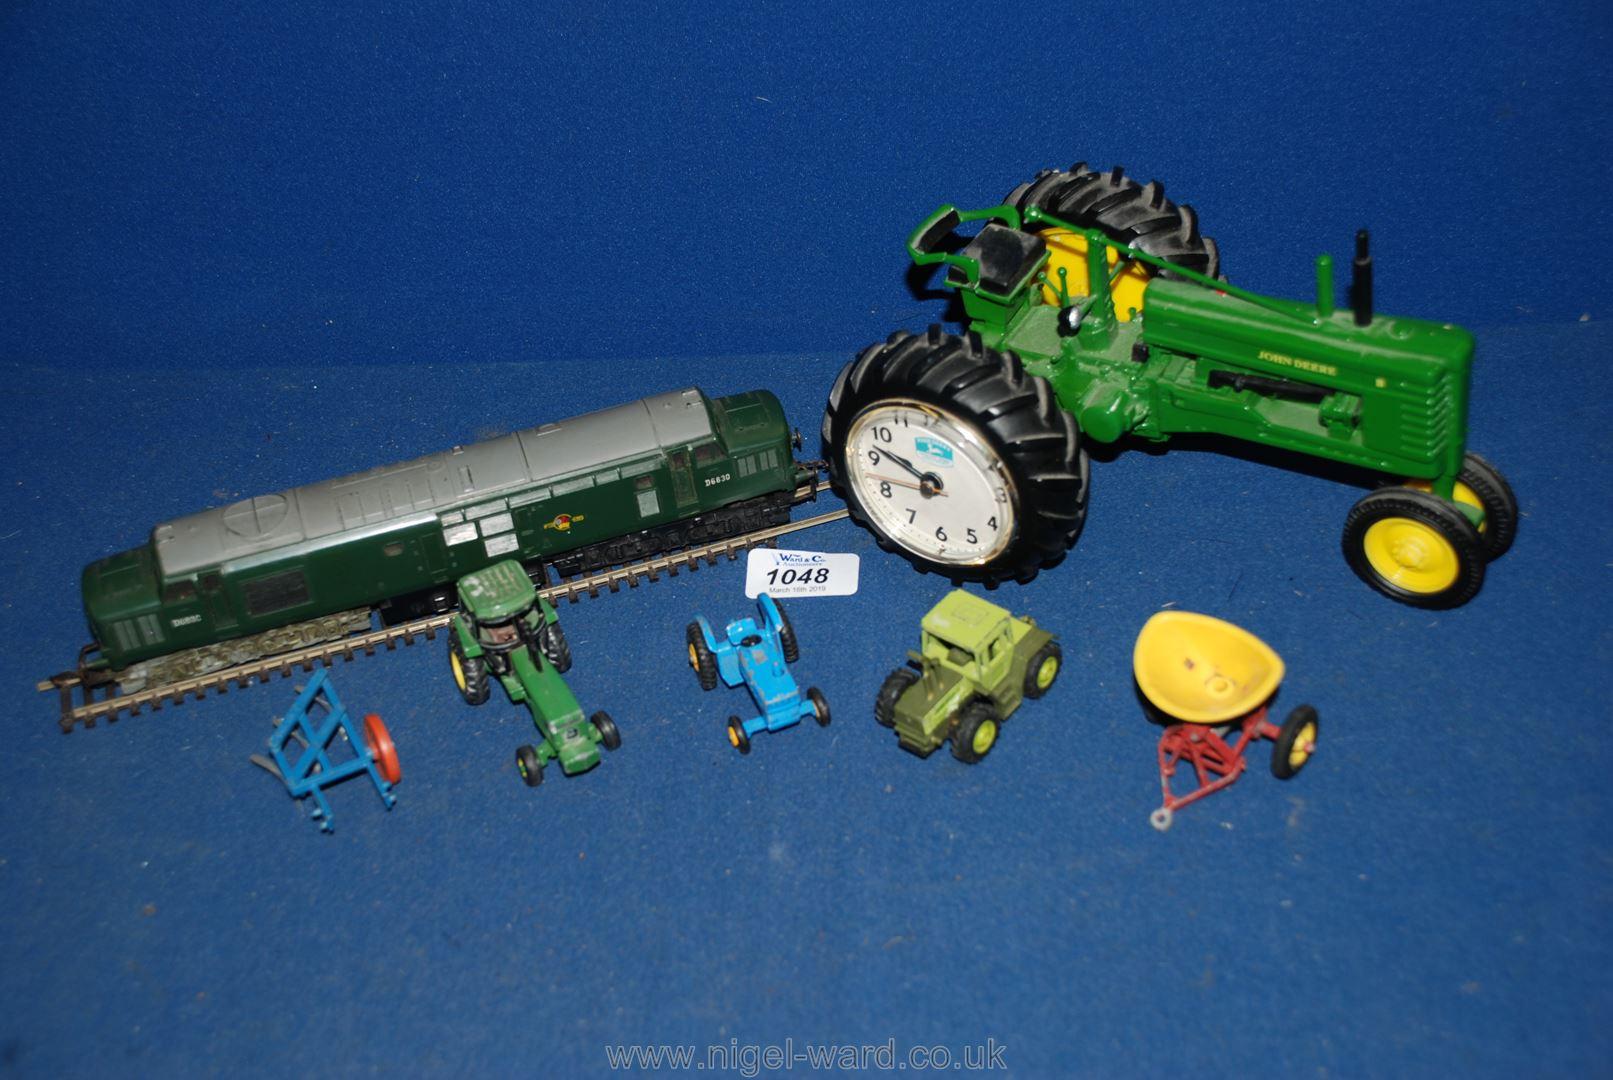 Lot 1048 - A John Deere tractor/clock and various miniature tractors.